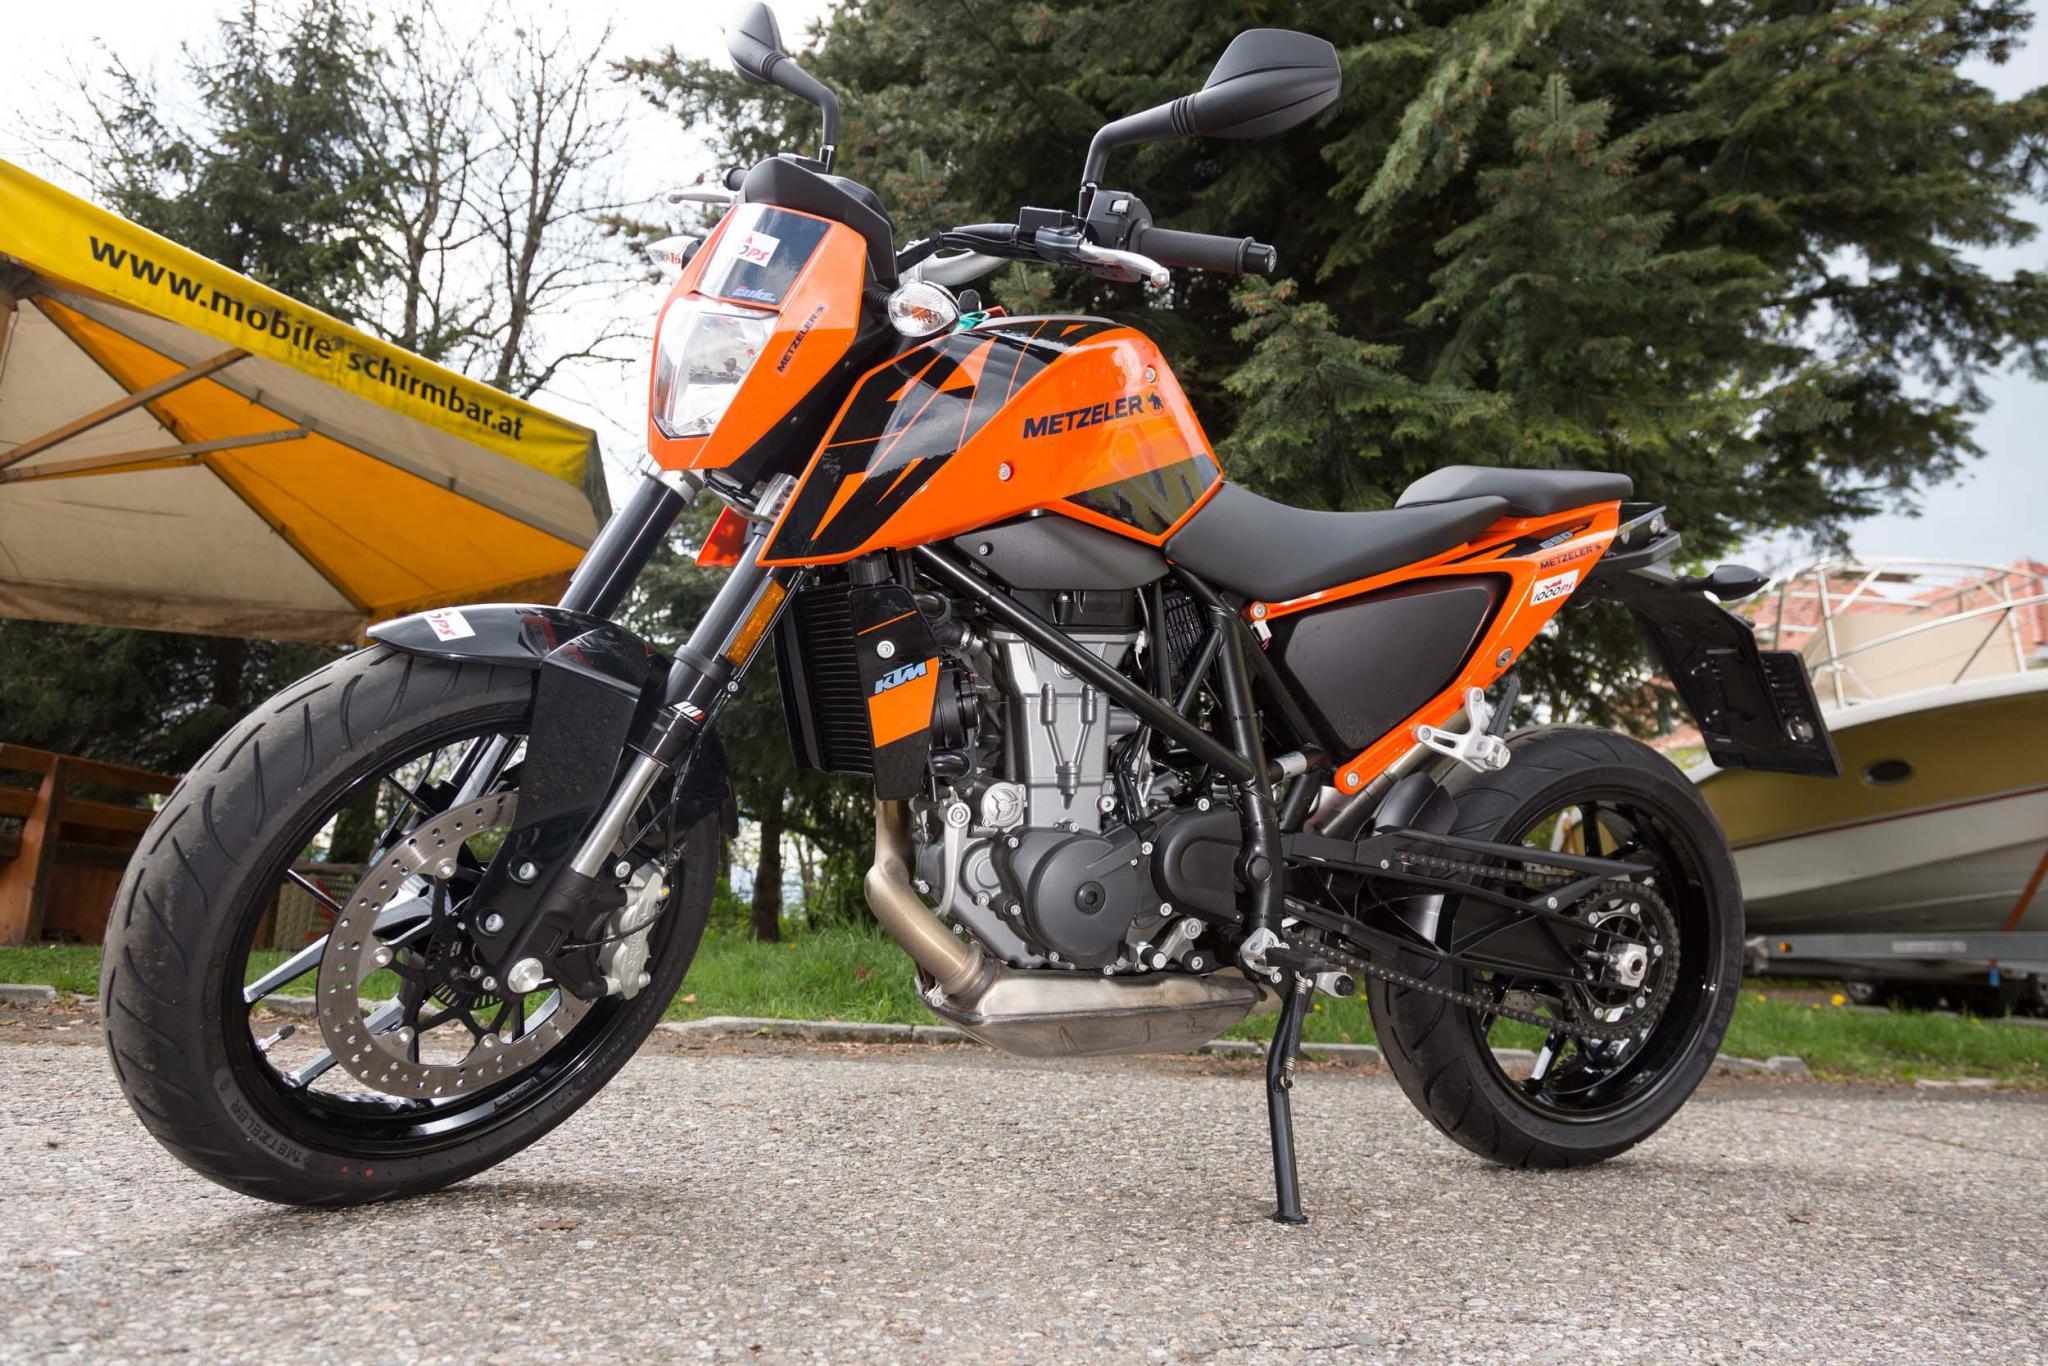 Motorrad-Quartett: KTM 690 Duke Foto